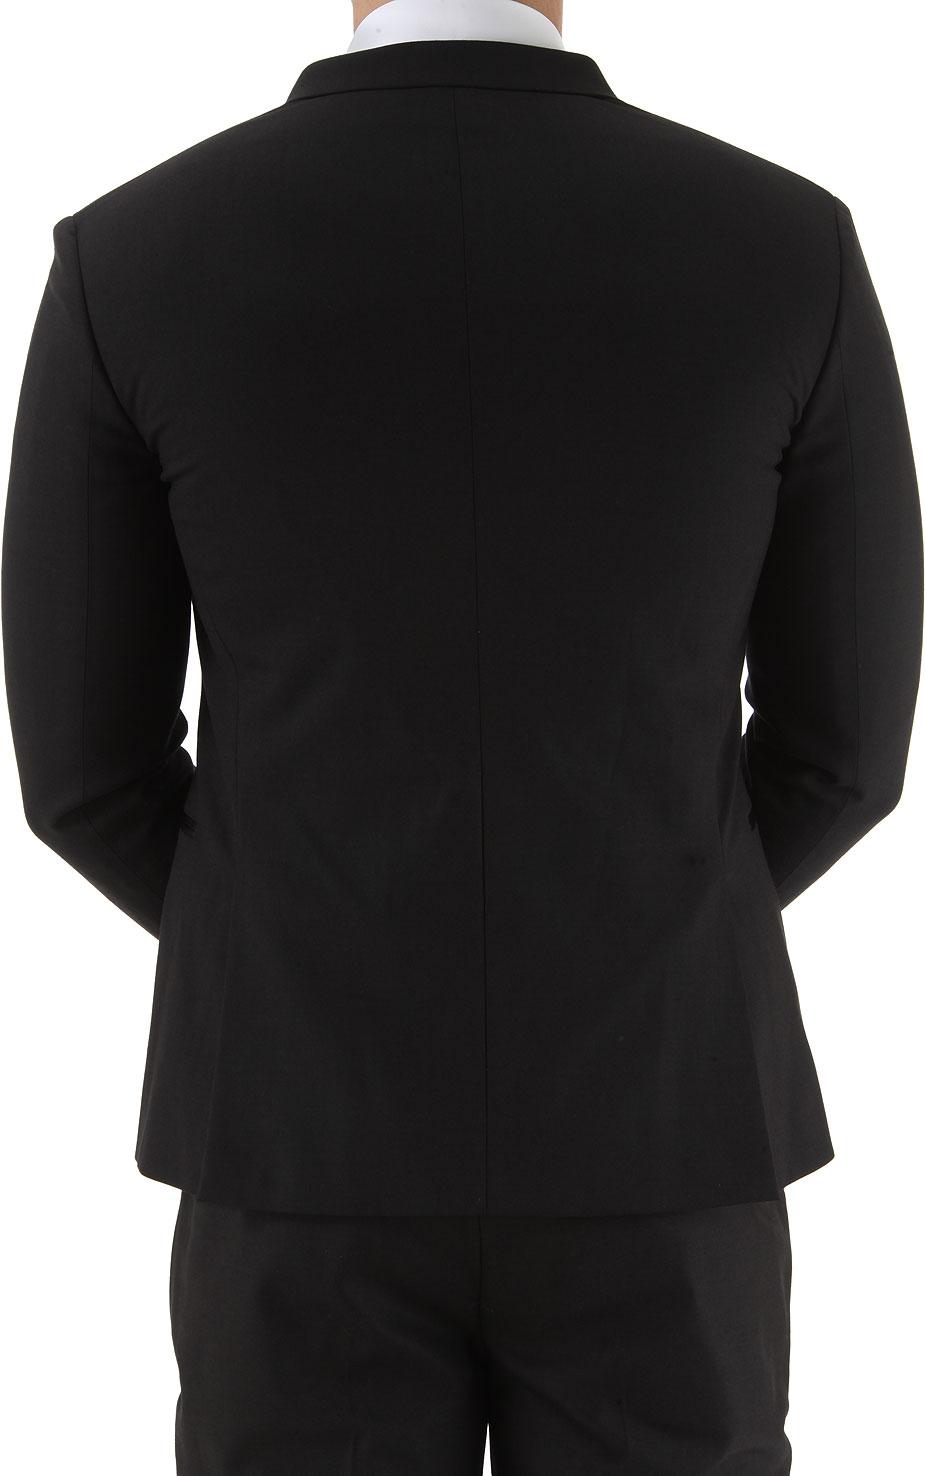 Codice a039c 01 Neil Uomo Abbigliamento Abbigliamento pbgi308n Barrett Articolo Uomo qSgTPX